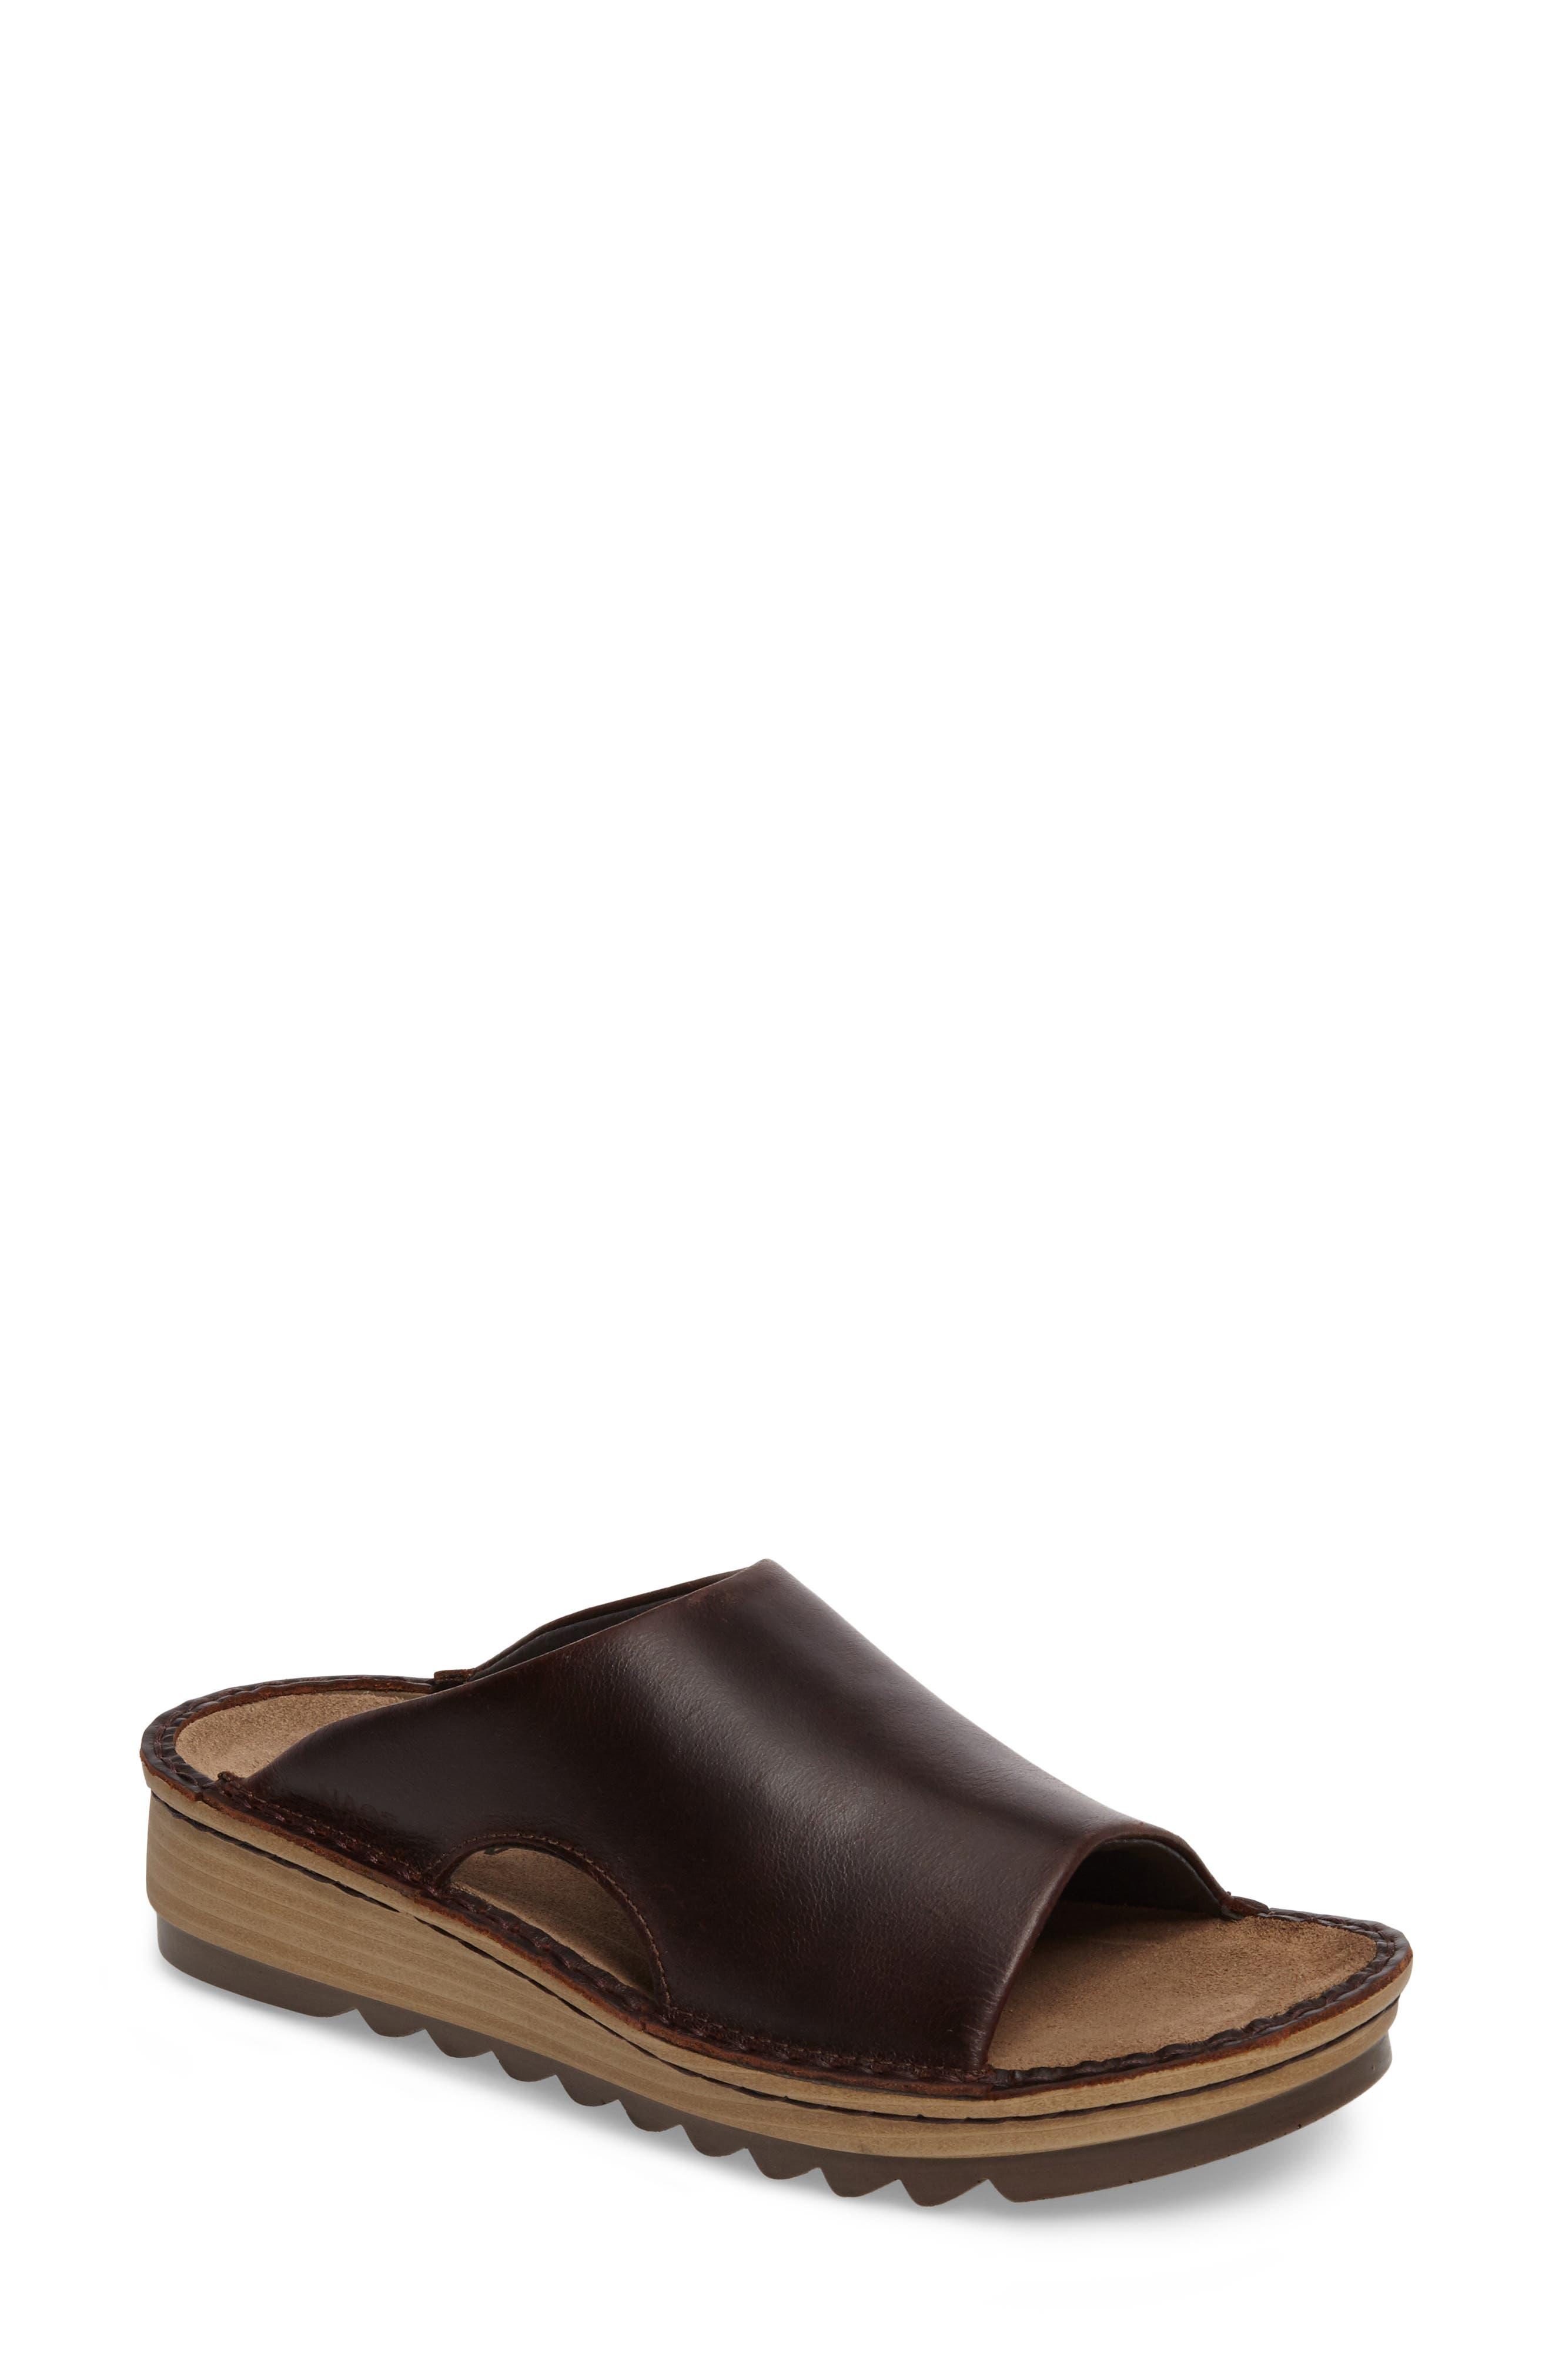 'Ardisia' Slide Sandal,                         Main,                         color, BUFFALO LEATHER